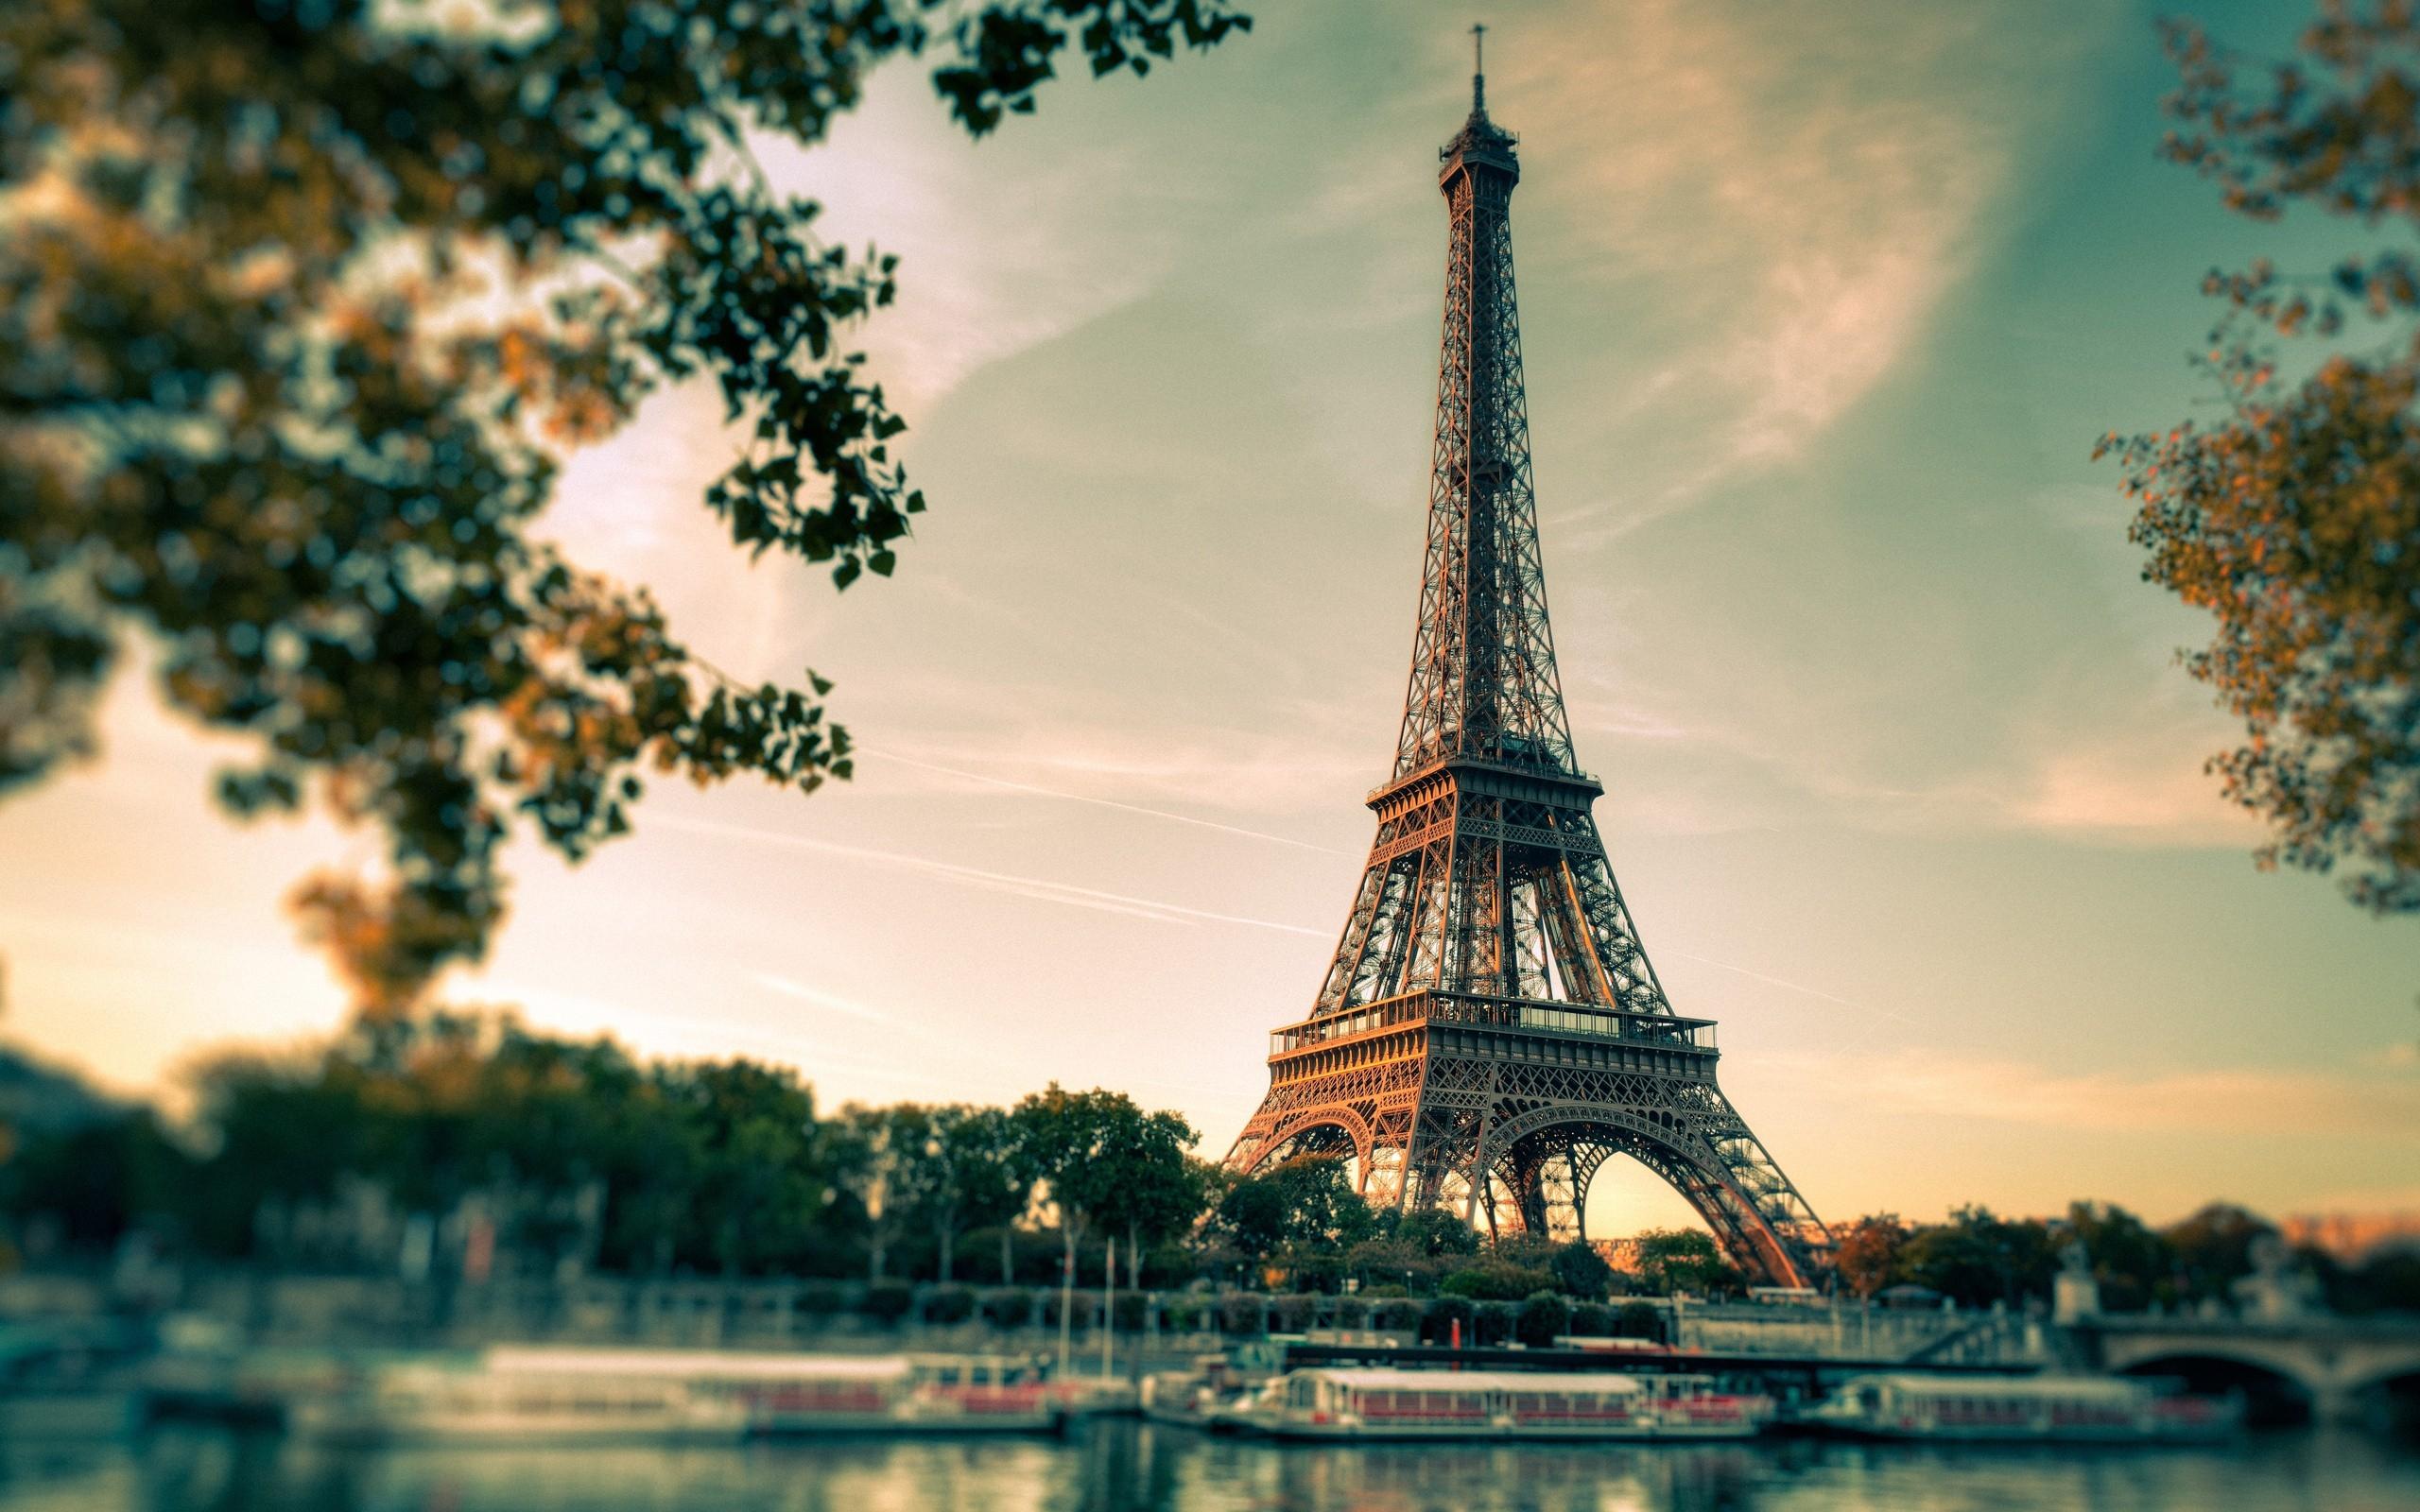 35020 Salvapantallas y fondos de pantalla Arquitectura en tu teléfono. Descarga imágenes de Paisaje, Arquitectura, Torre Eiffel gratis